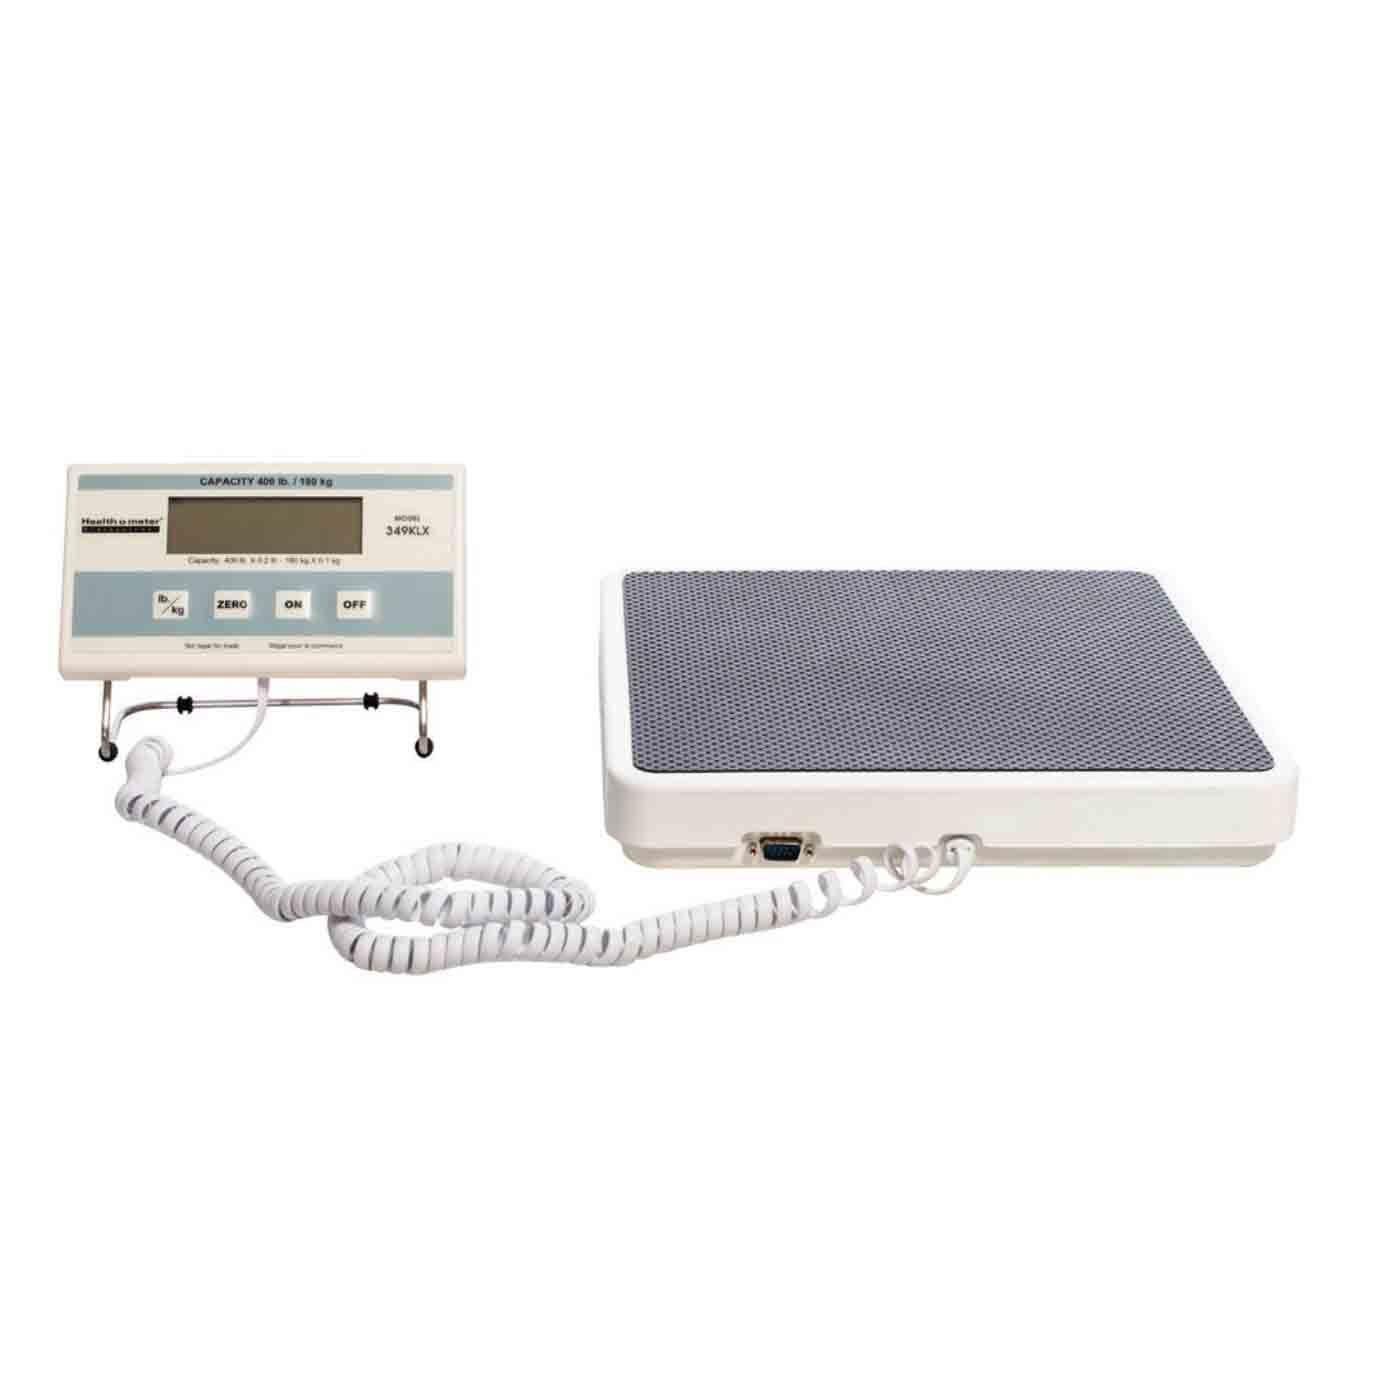 Health o meter 349KLX Remote Display Digital Floor Scale